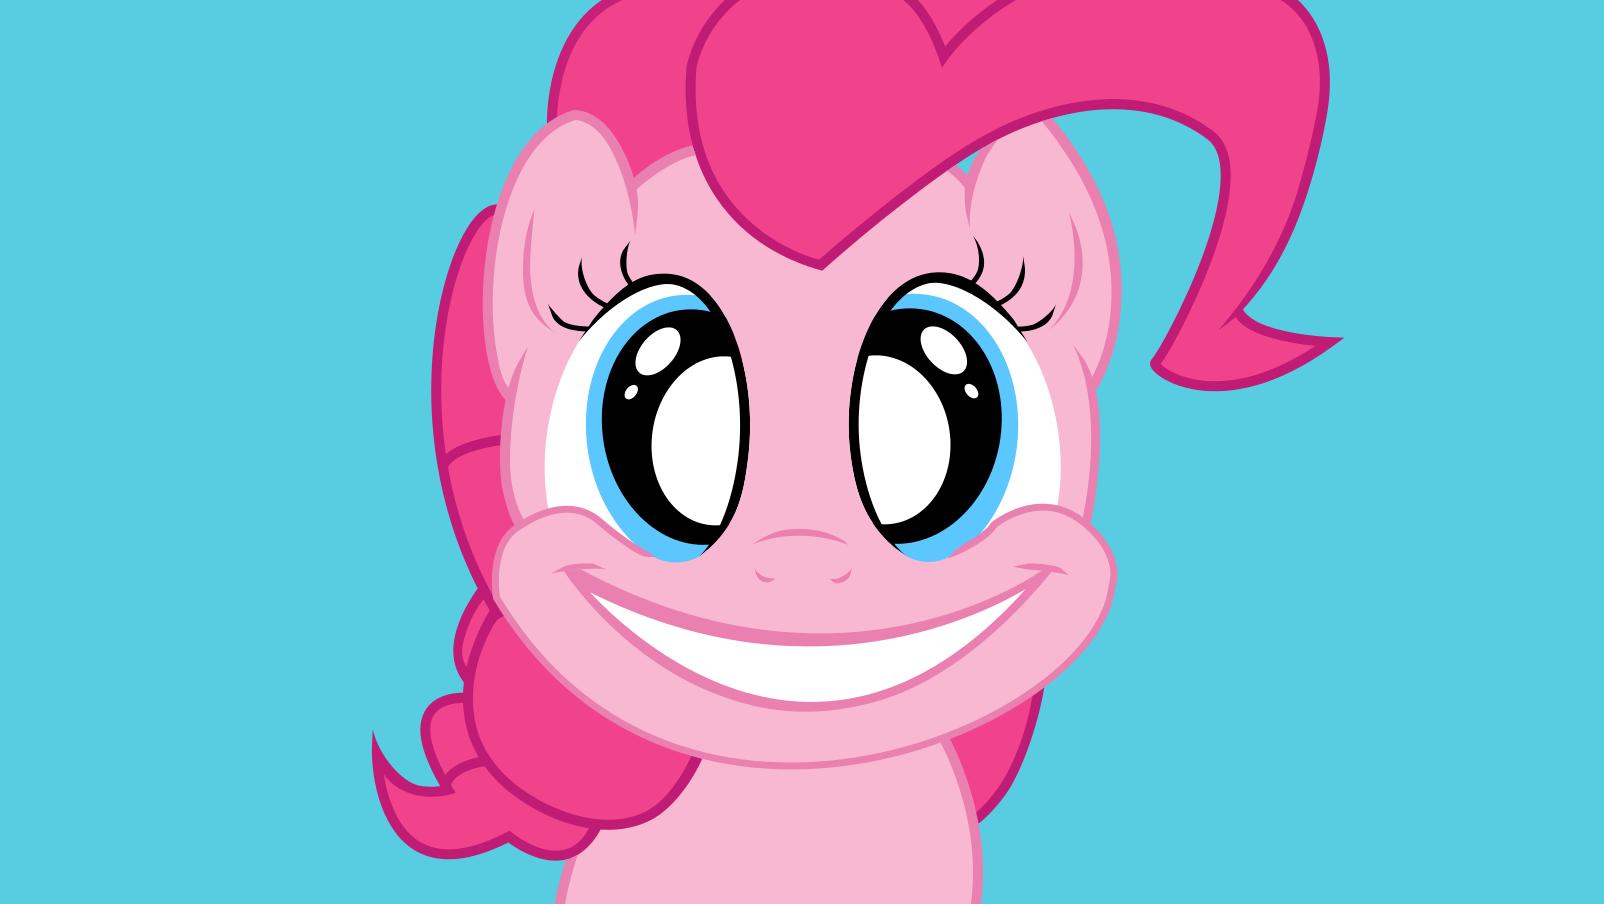 Pinkie Pie Smile HD by Baglesman on DeviantArt